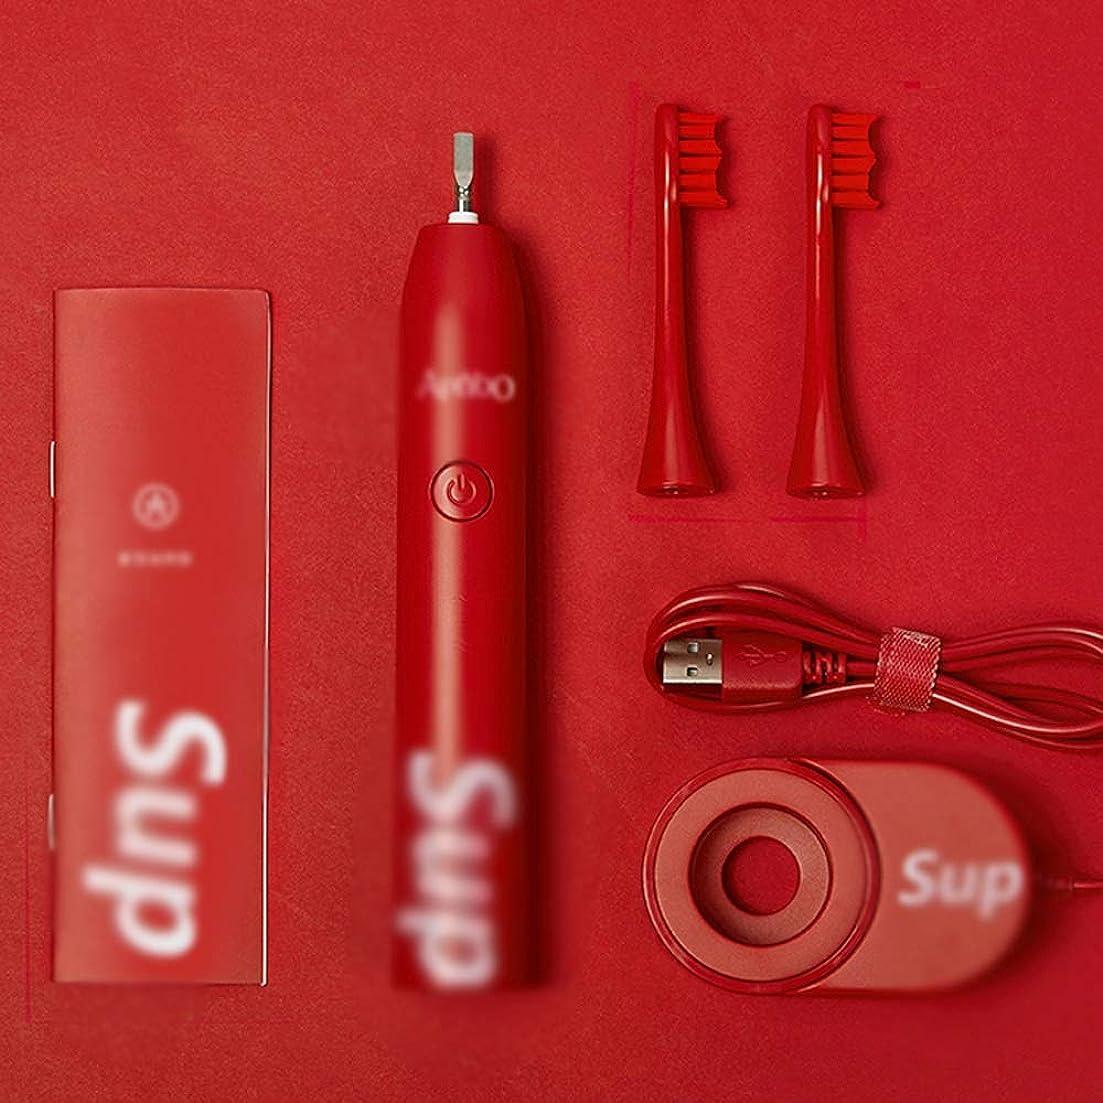 マウントバンク引き出す厳密にJia Xing 電動歯ブラシ赤く柔らかい髪電動歯ブラシヘッド超音波電動歯ブラシ充電器ブラケット 電動歯ブラシ (Color : Red)